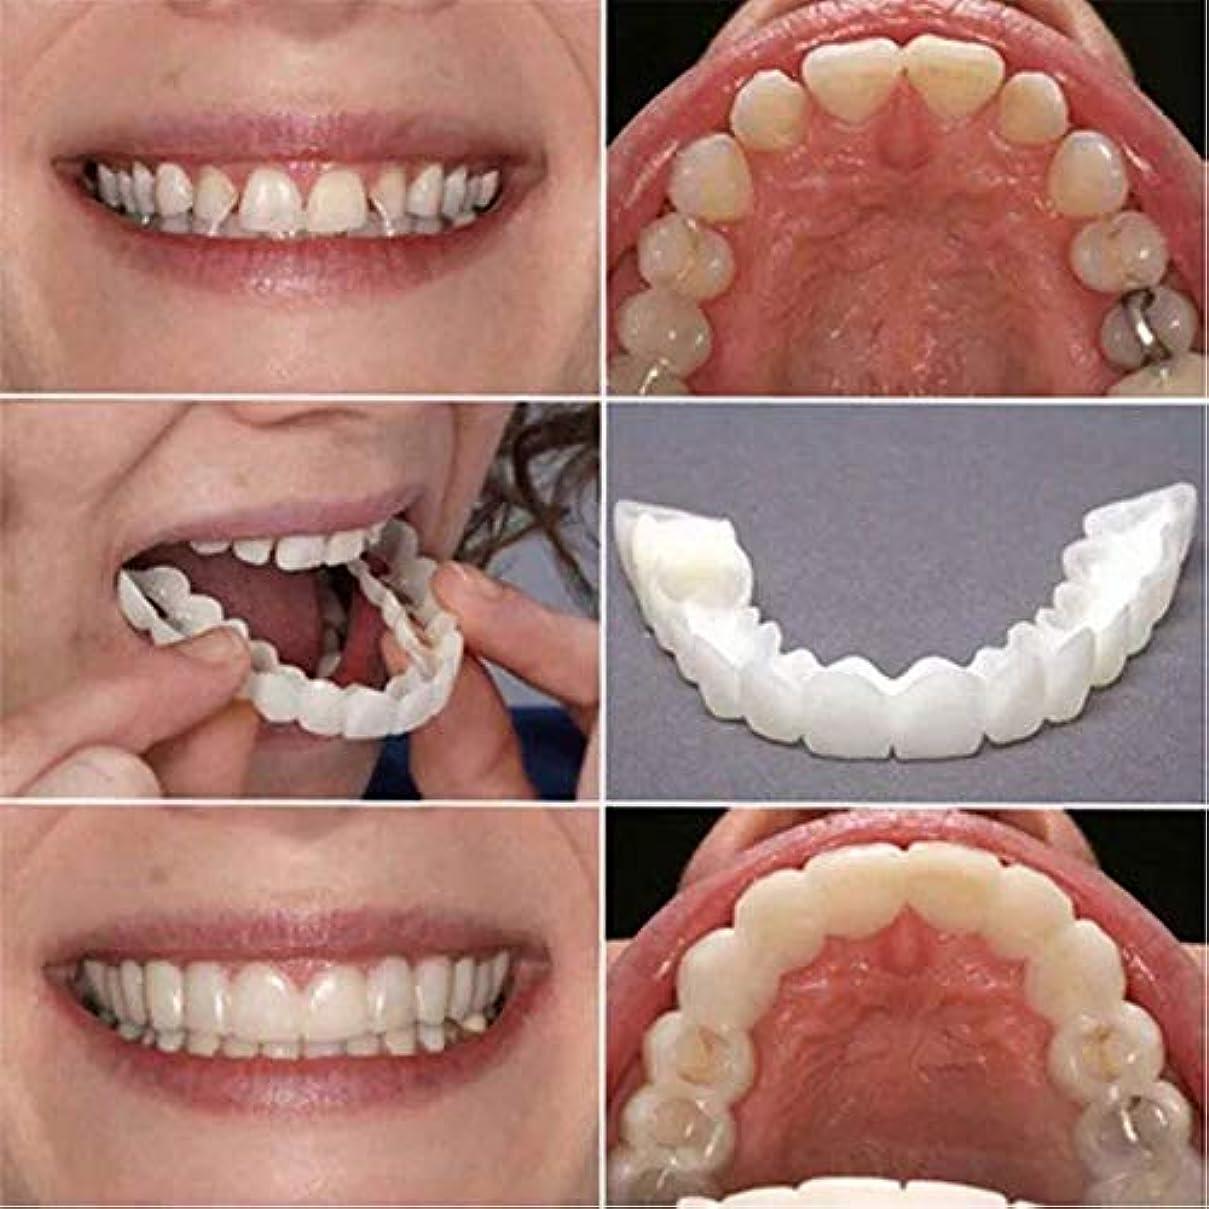 クレアボート写真の2個の歯ピースフィッティング快適なフィット歯のソケット義歯口腔用品矯正アクセティース 笑顔を保つ